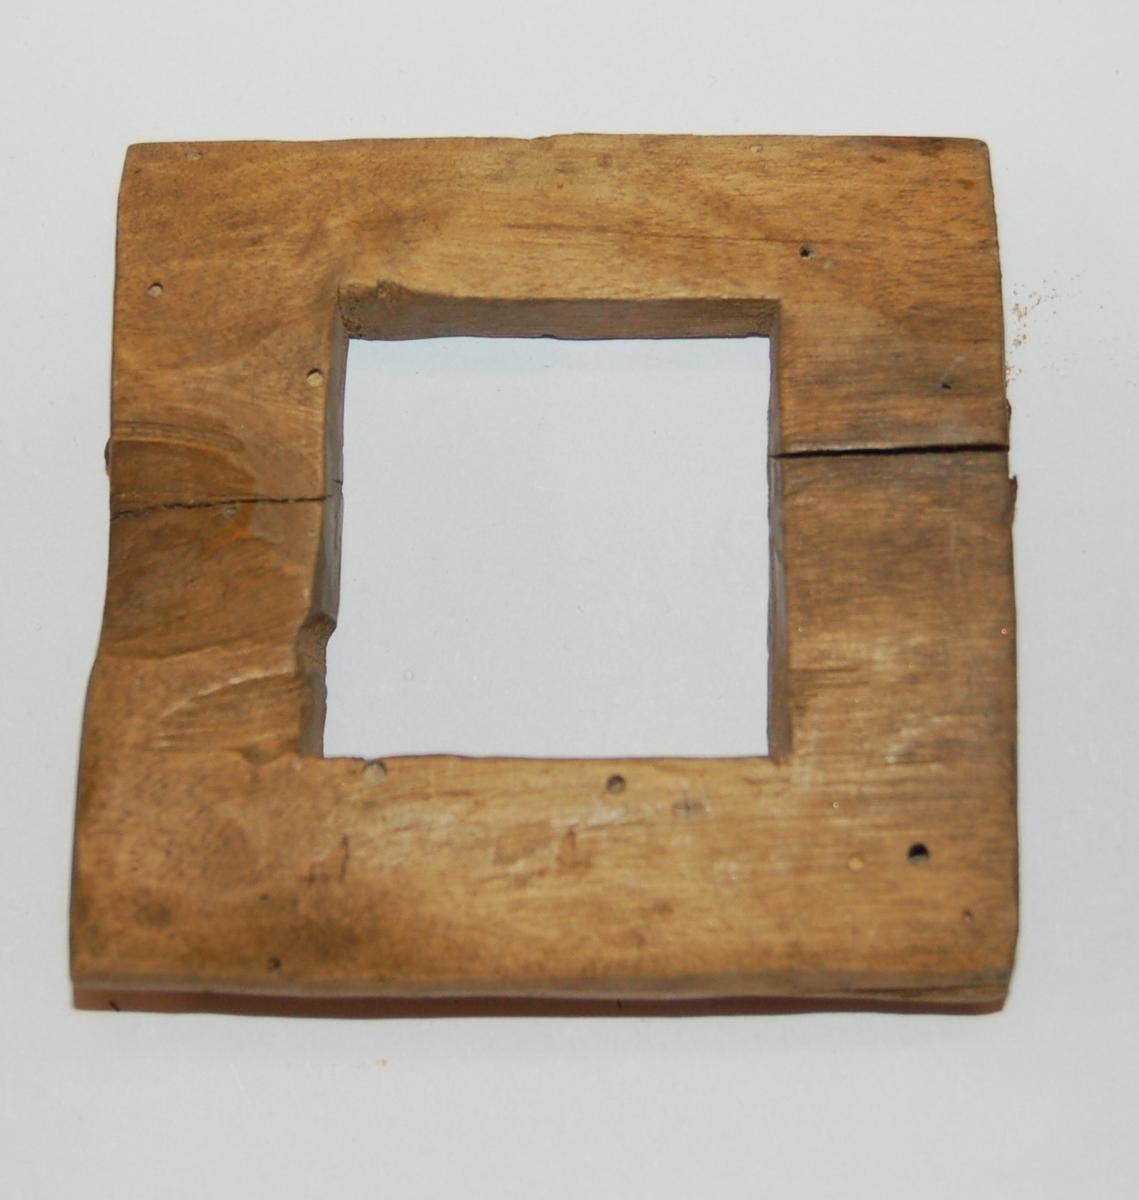 Elipseformet trestykke (kjevle) til garnbitting. I garnkjevlet er det utskjært et kvadratisk stykke på 4 x 4 cm.